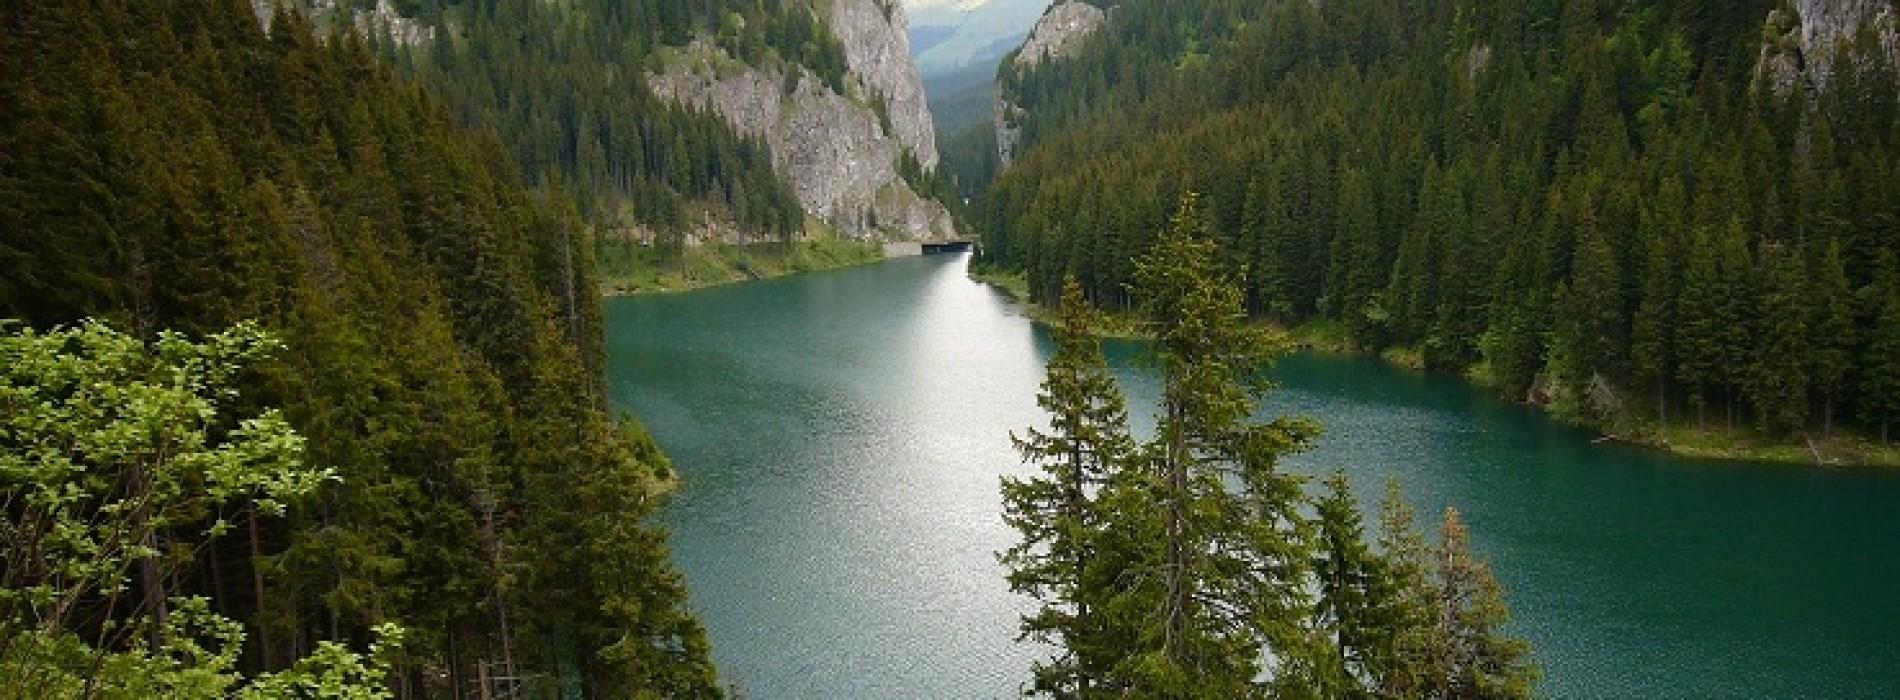 Lacul Bolboci, Munţii Bucegi